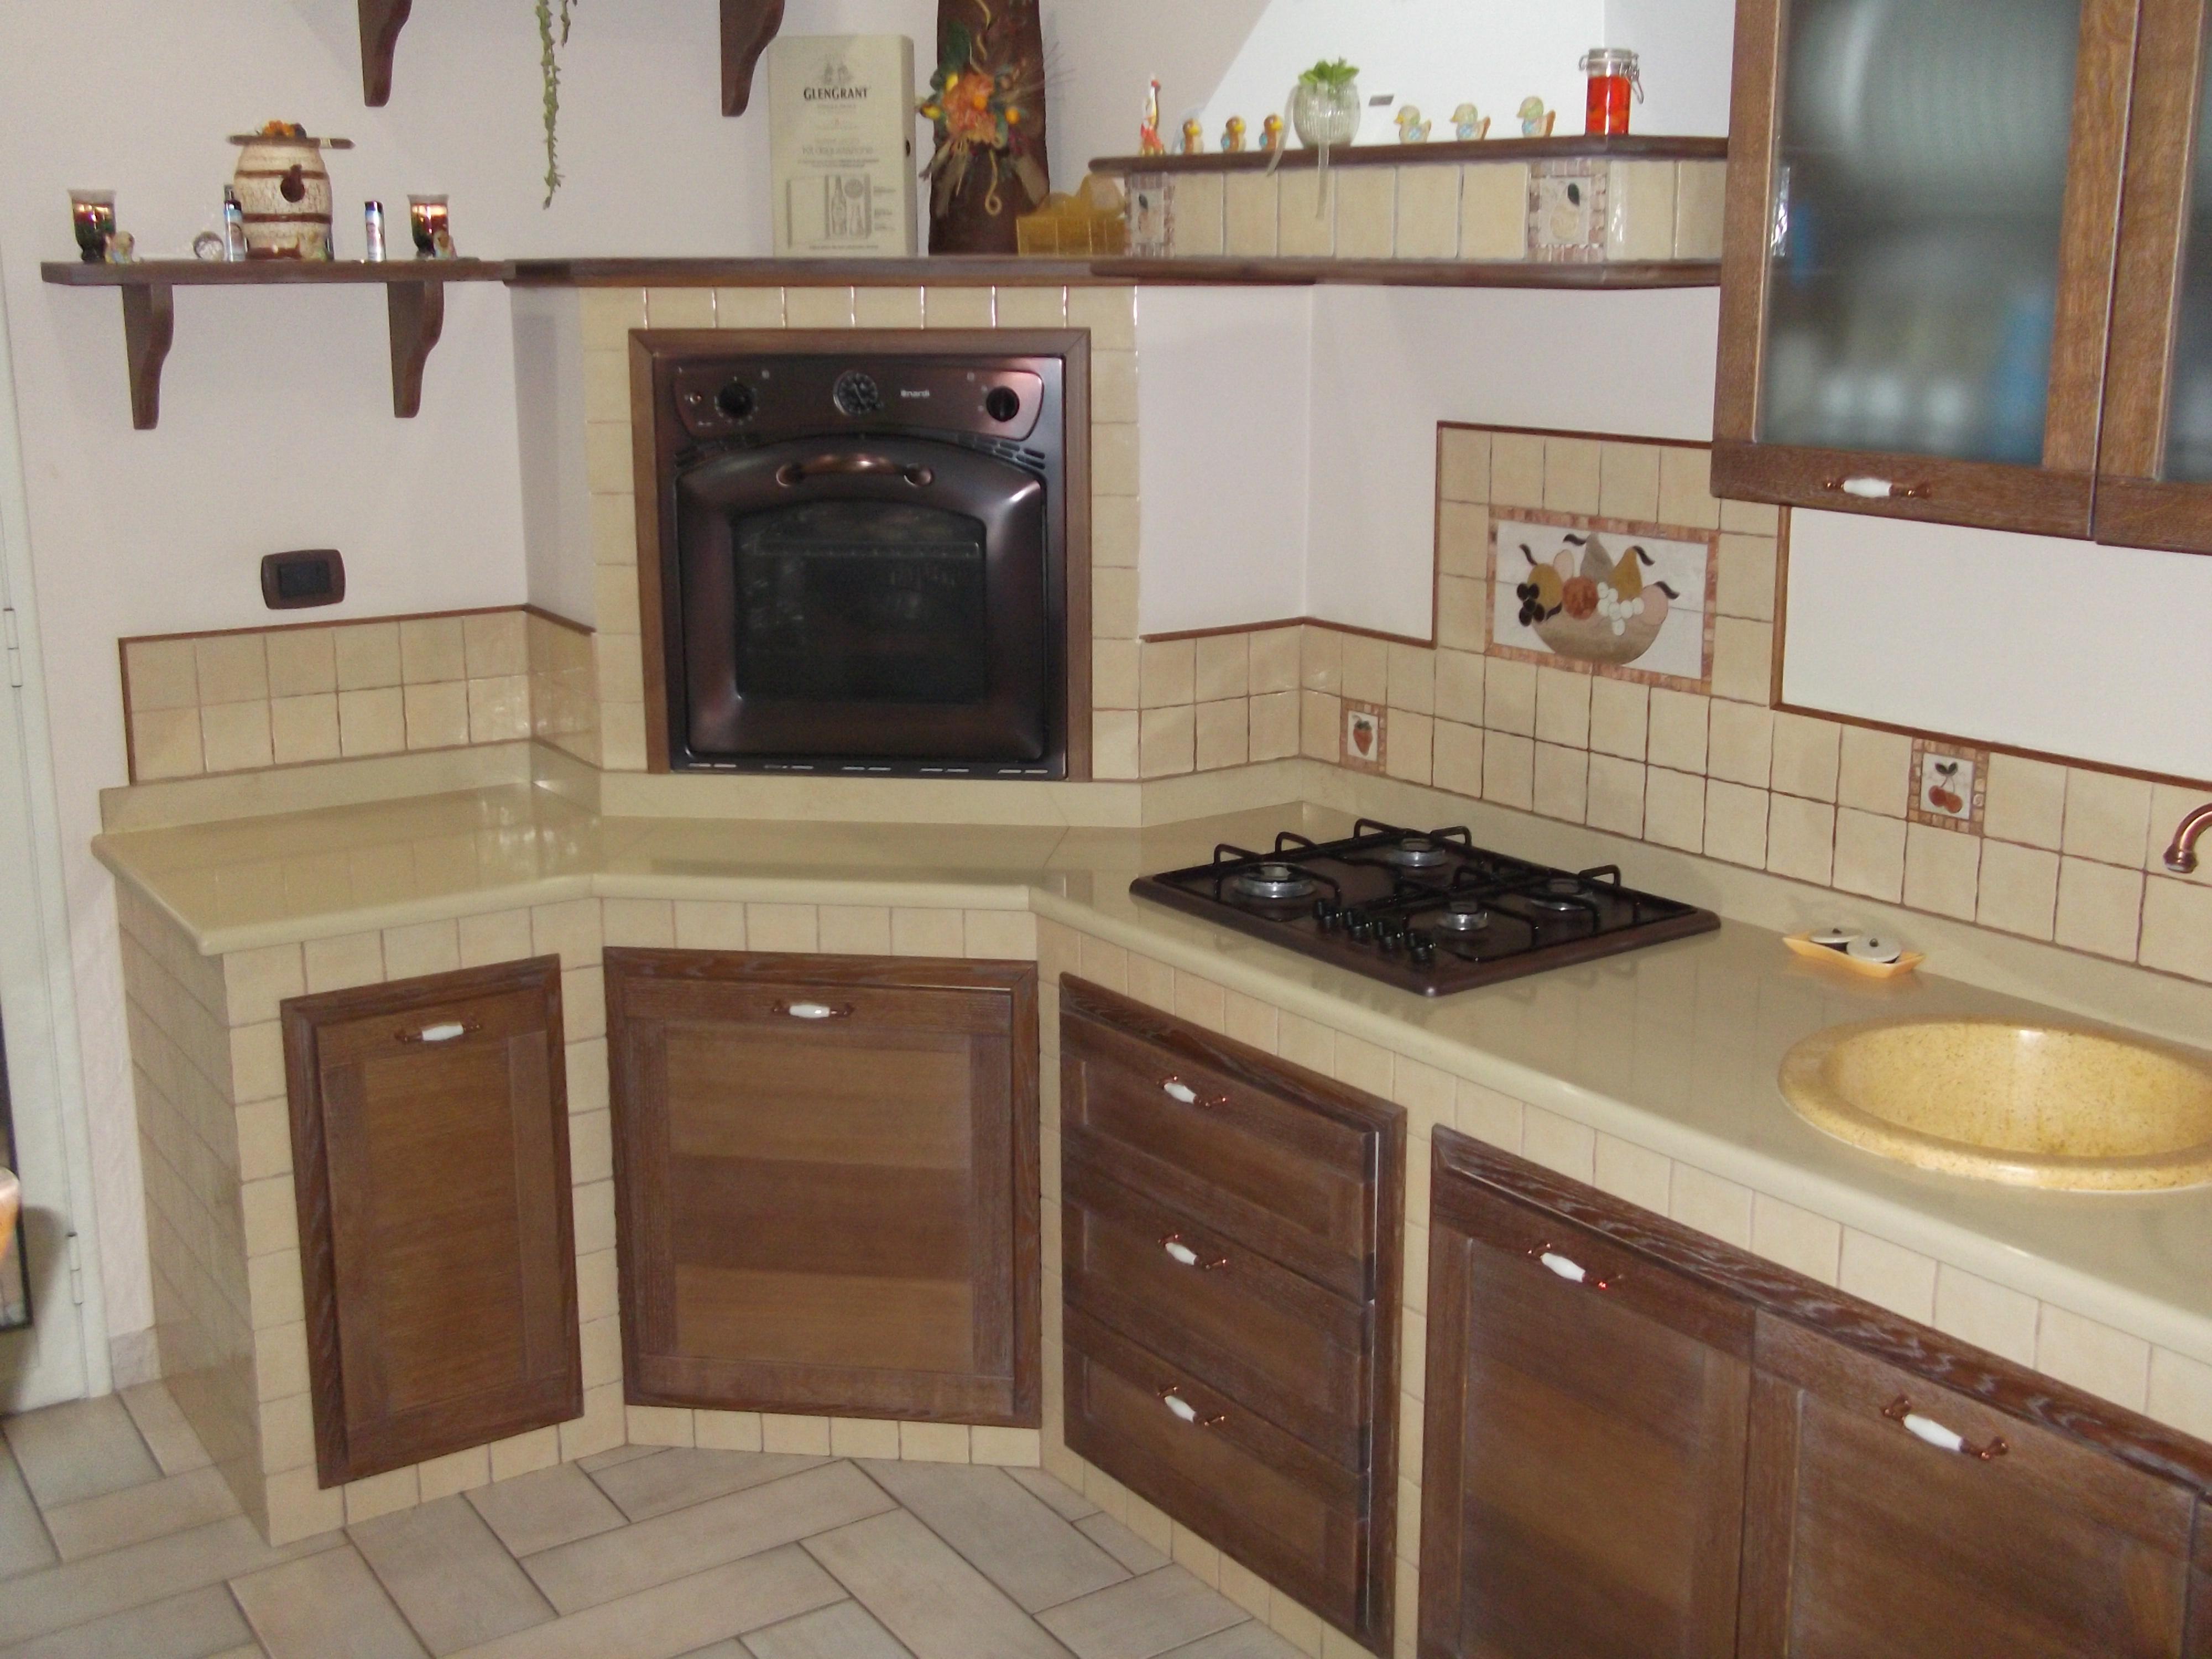 Beautiful cucine esterne rustiche in muratura ideas - Cucine esterne in muratura ...